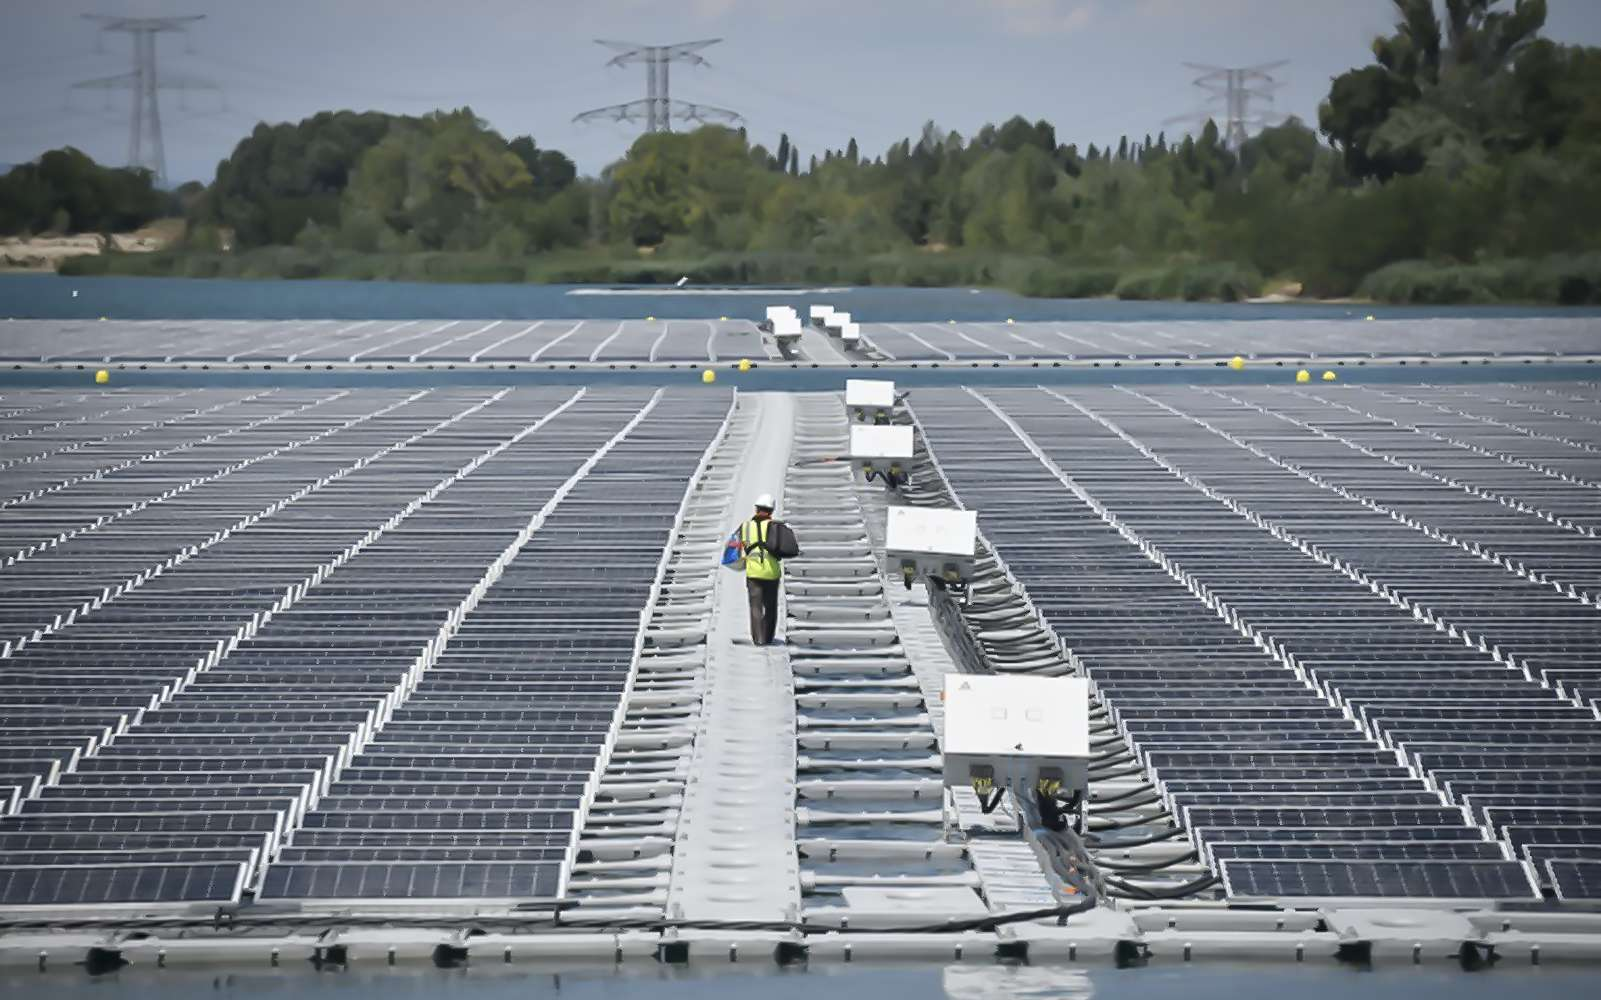 Un technicien marche entre les panneaux photovoltaïque de la centrale flottante O'Megal, le 30 juillet 2019 à Piolenc, dans le Vaucluse. © Gérard Julien, AFP